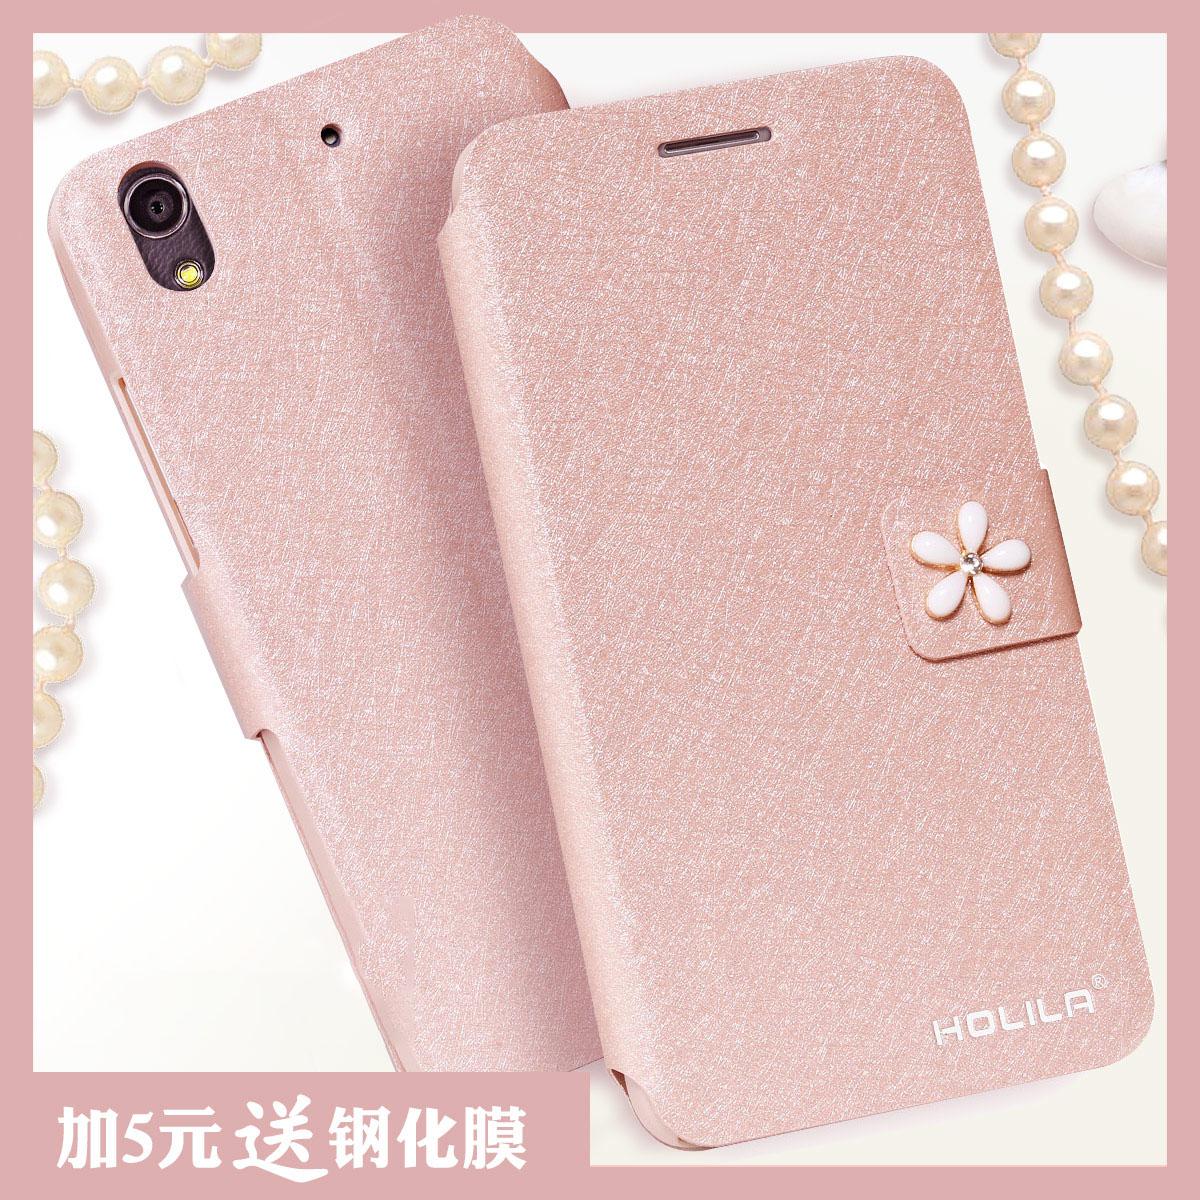 HOLILA 华为荣耀畅玩4手机壳C8817E手机套C8817D翻盖式保护套精品